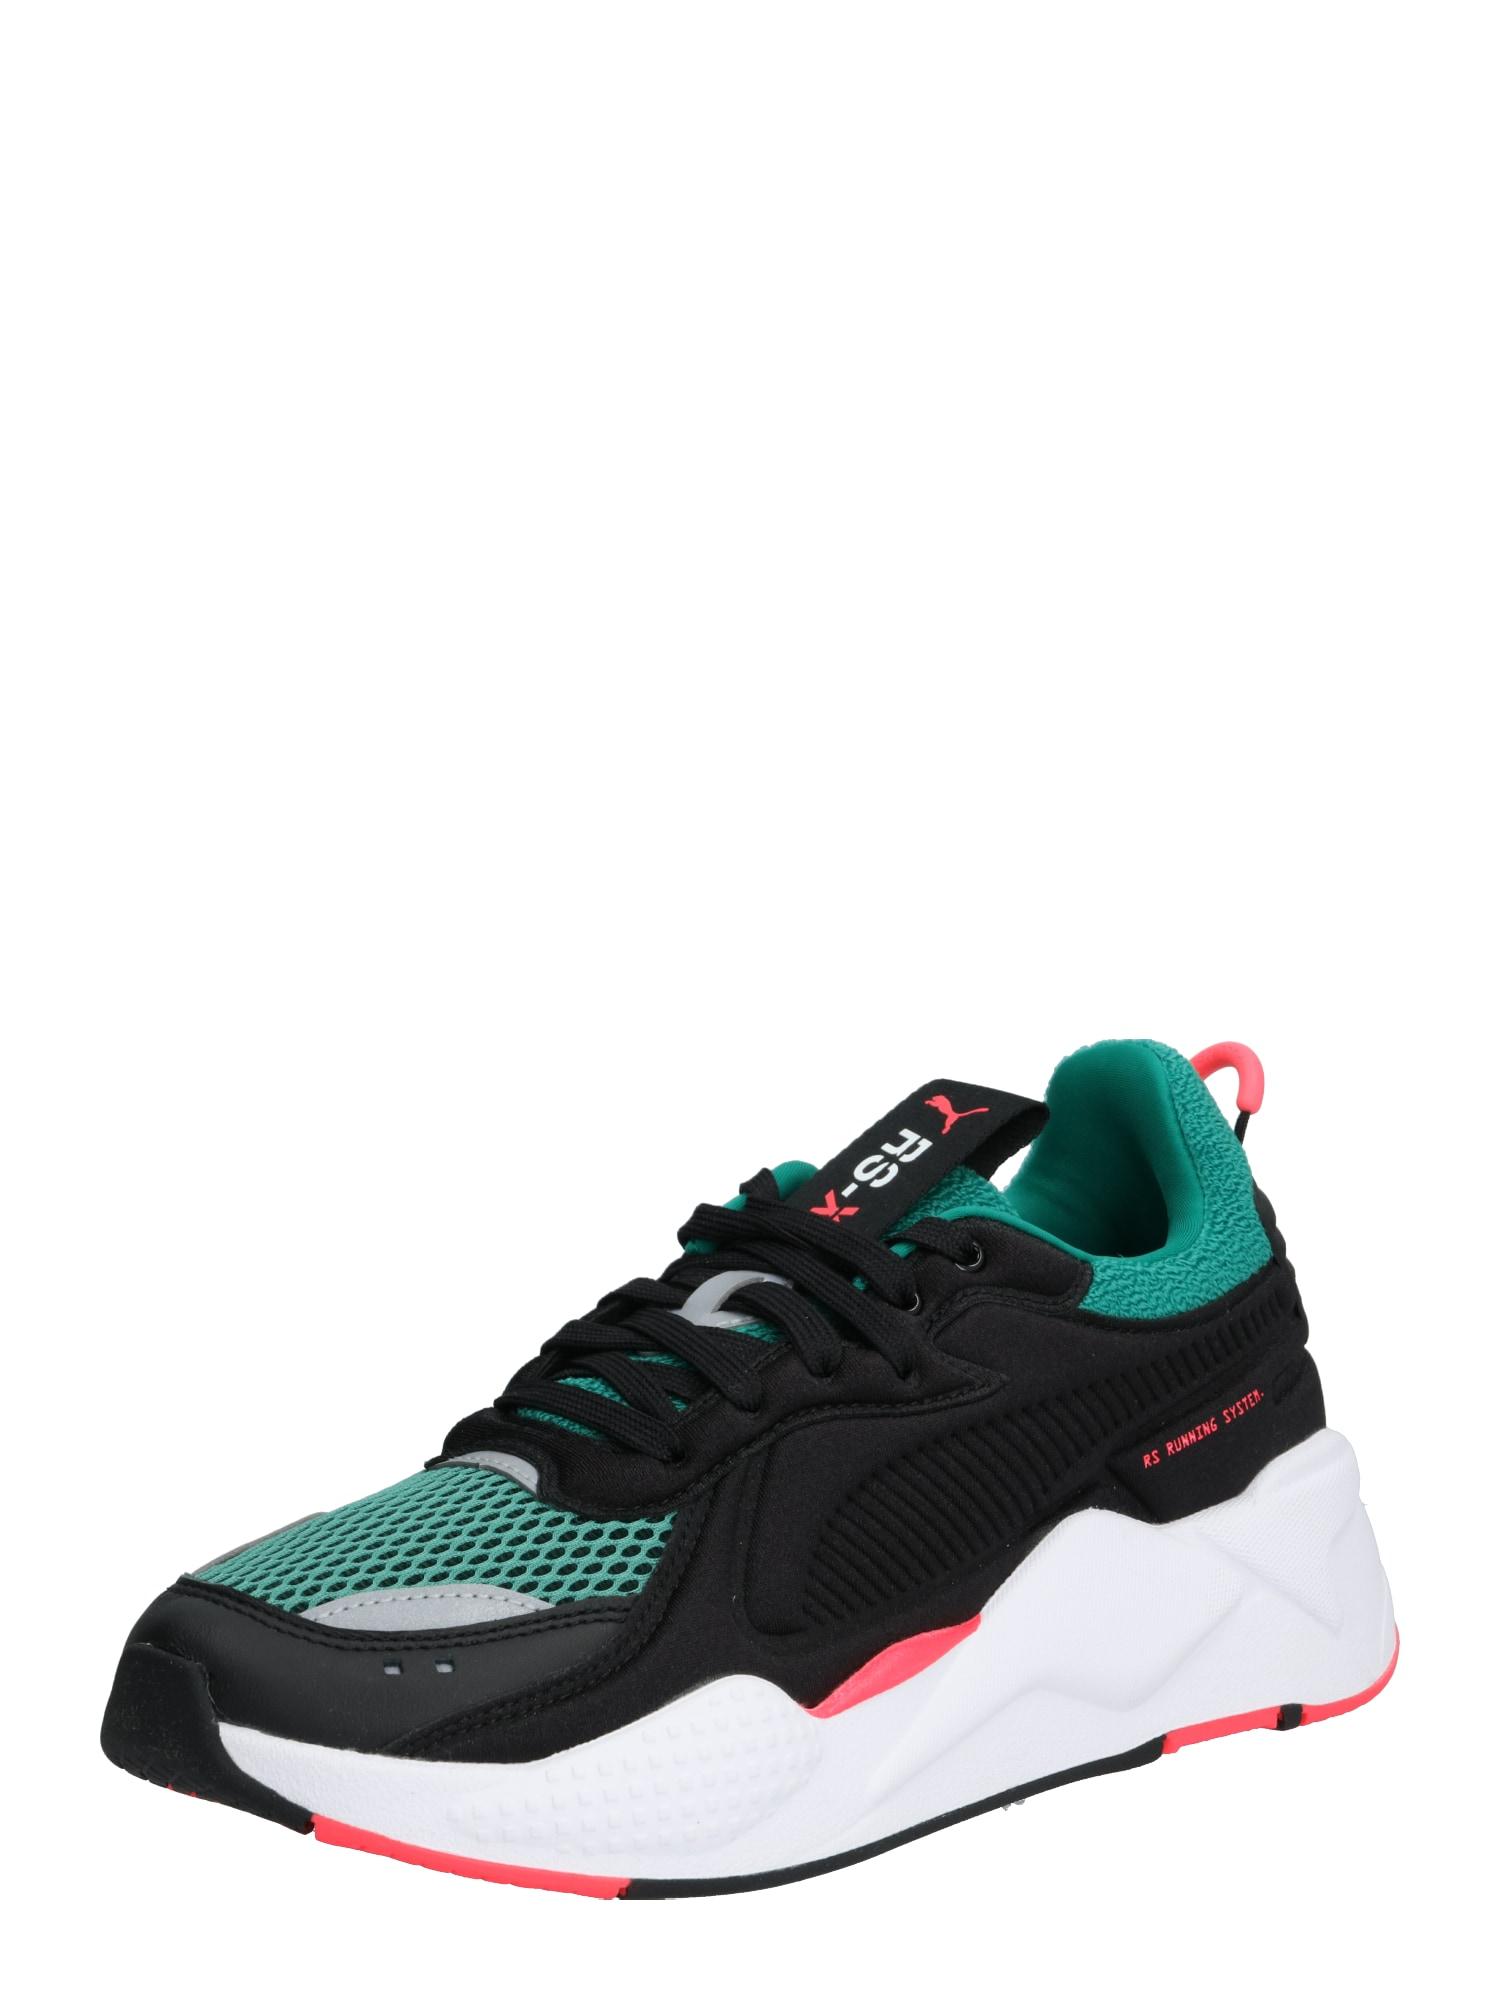 Herren Puma Sneaker 'RS-X Soft Case' grün,  schwarz | 04060979862715